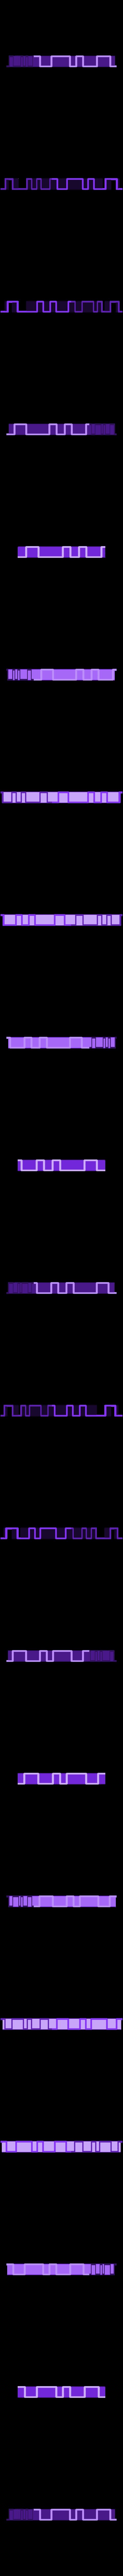 square_wave_desk_tidy.stl Télécharger fichier STL gratuit WAVE bureau rangé collection • Design à imprimer en 3D, tone001